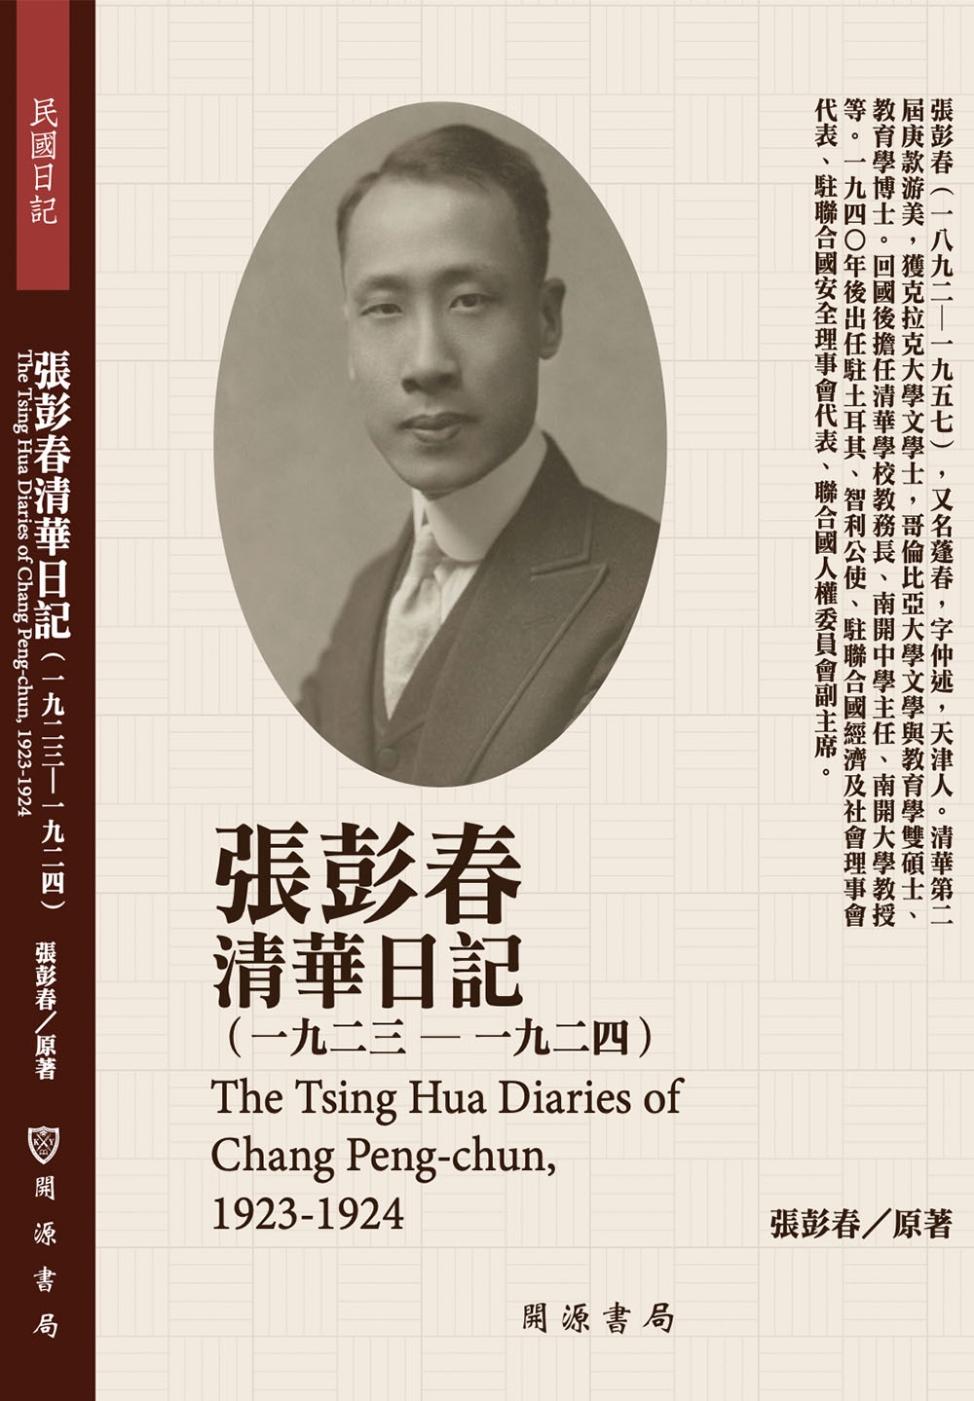 張彭春清華日記(1923-1924)